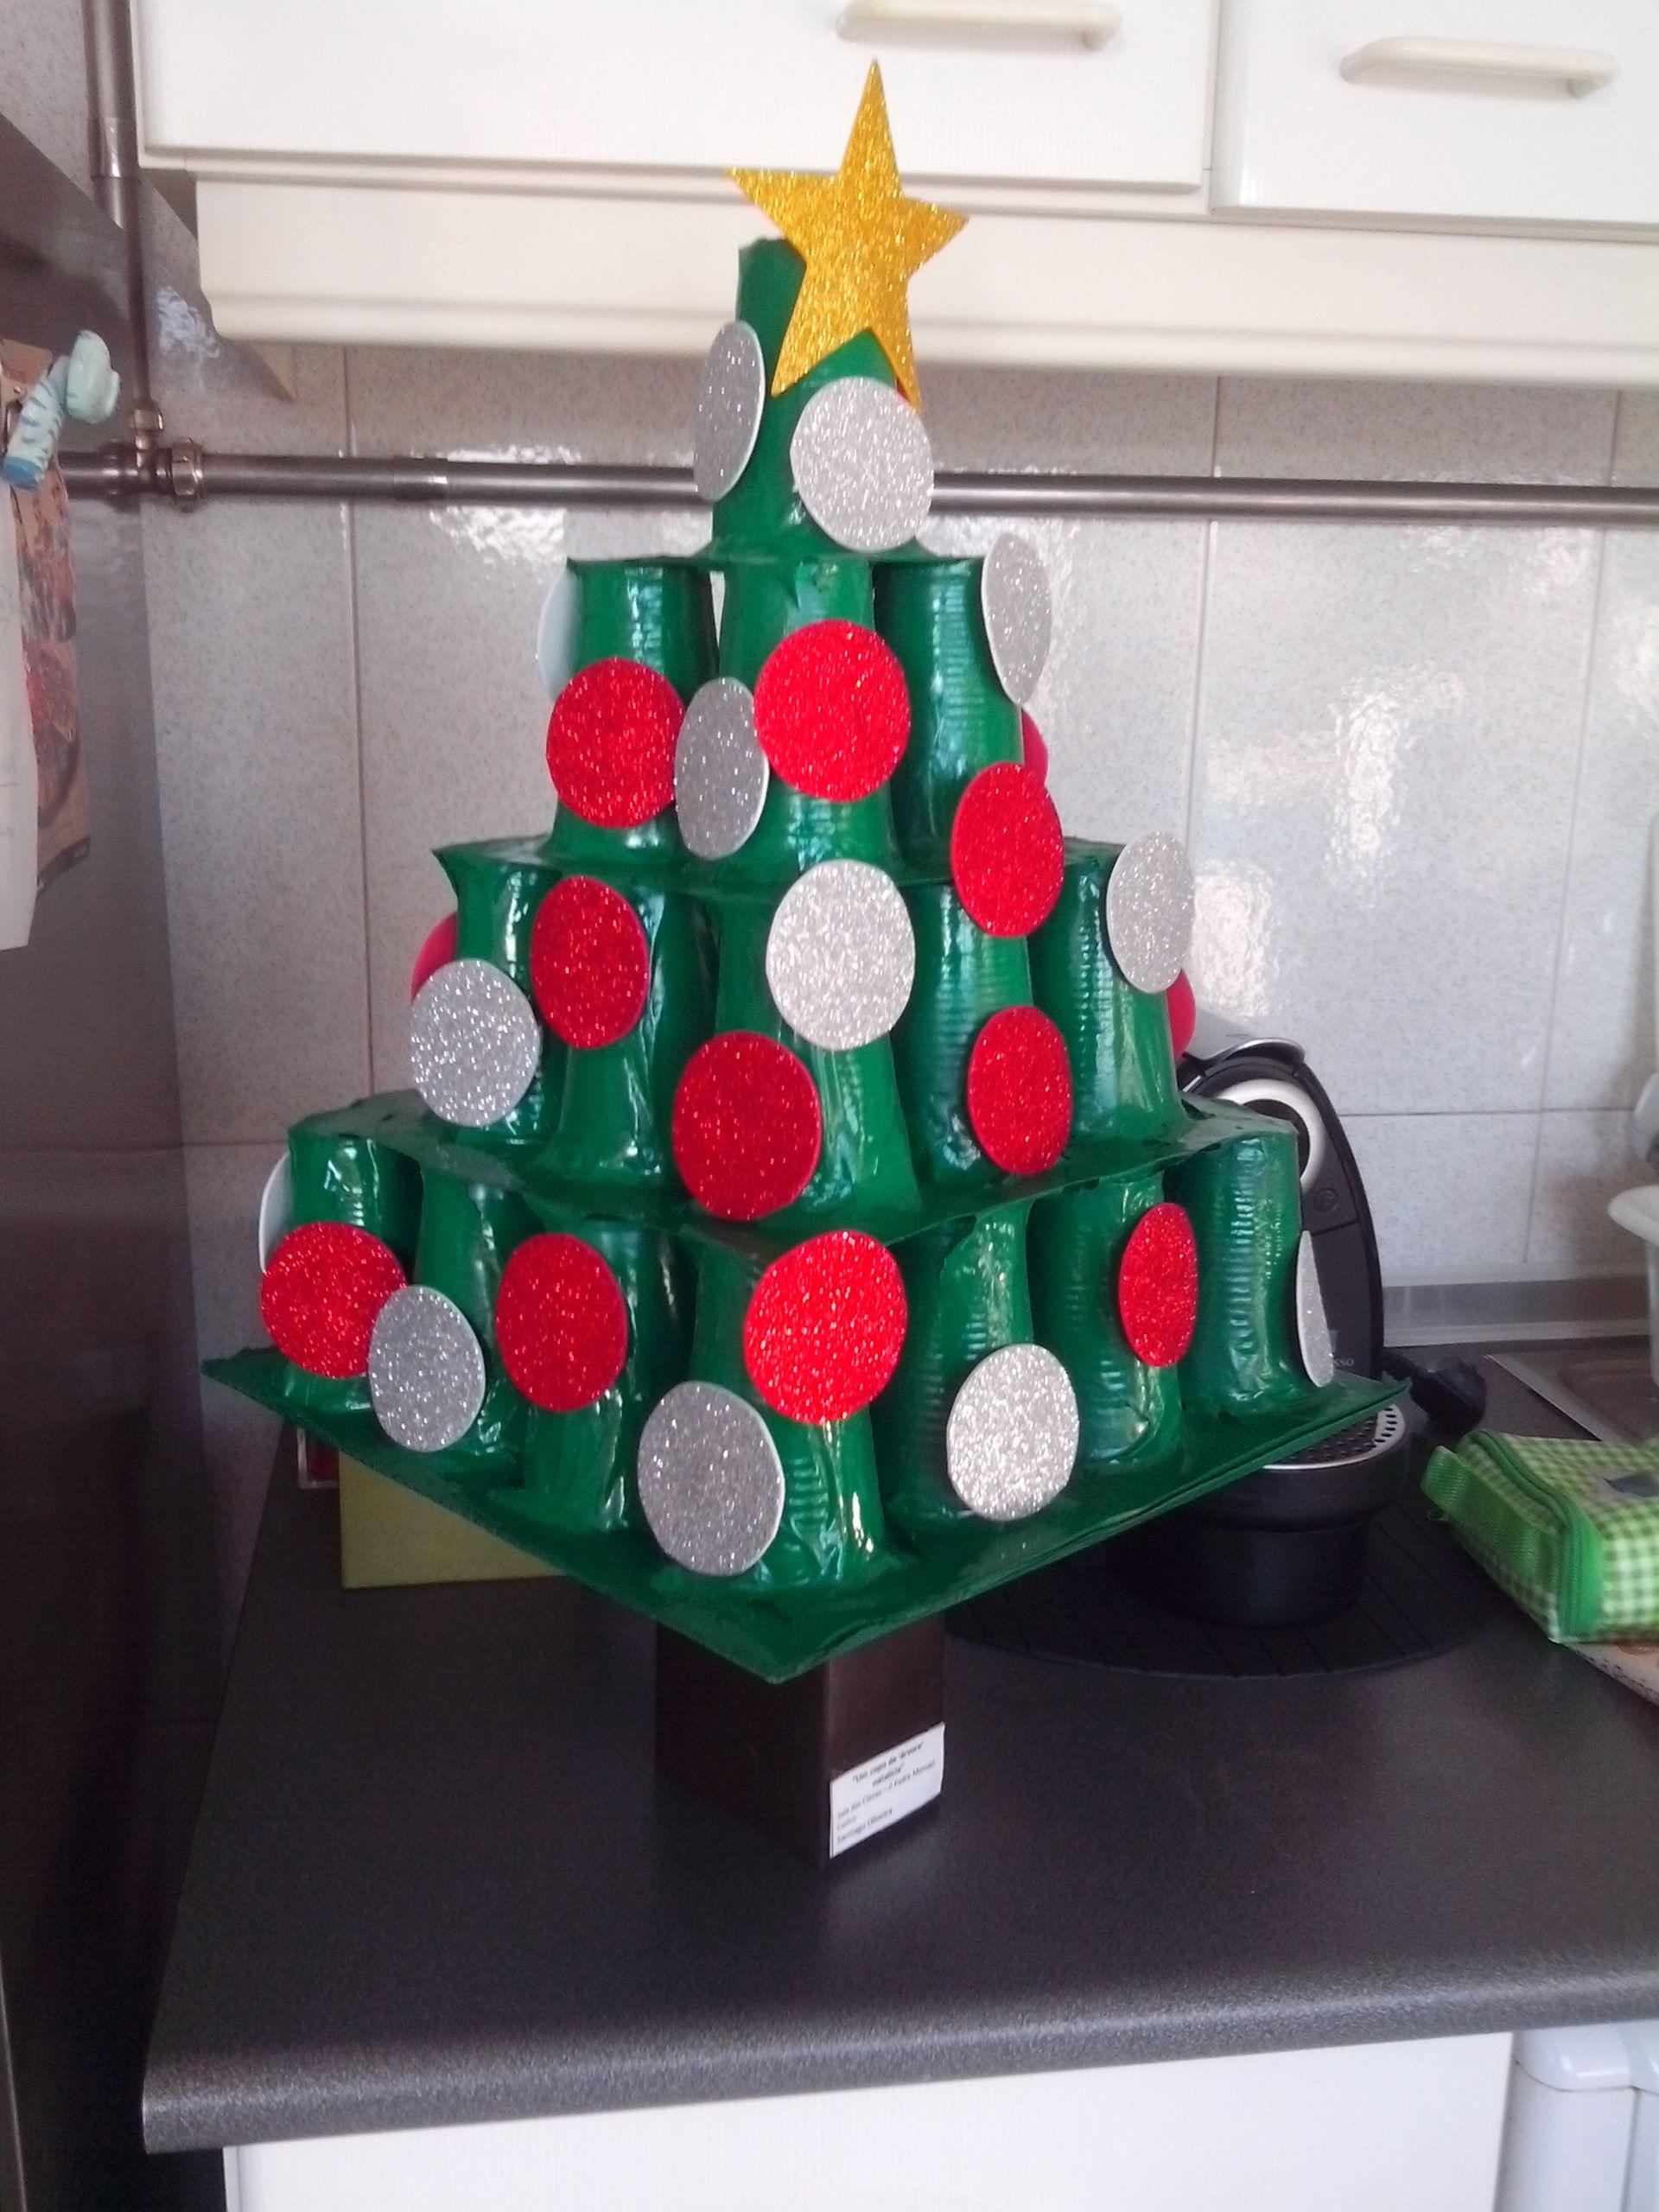 Arvore De Natal Com Material Reciclavel Pacote De Leite Tronco